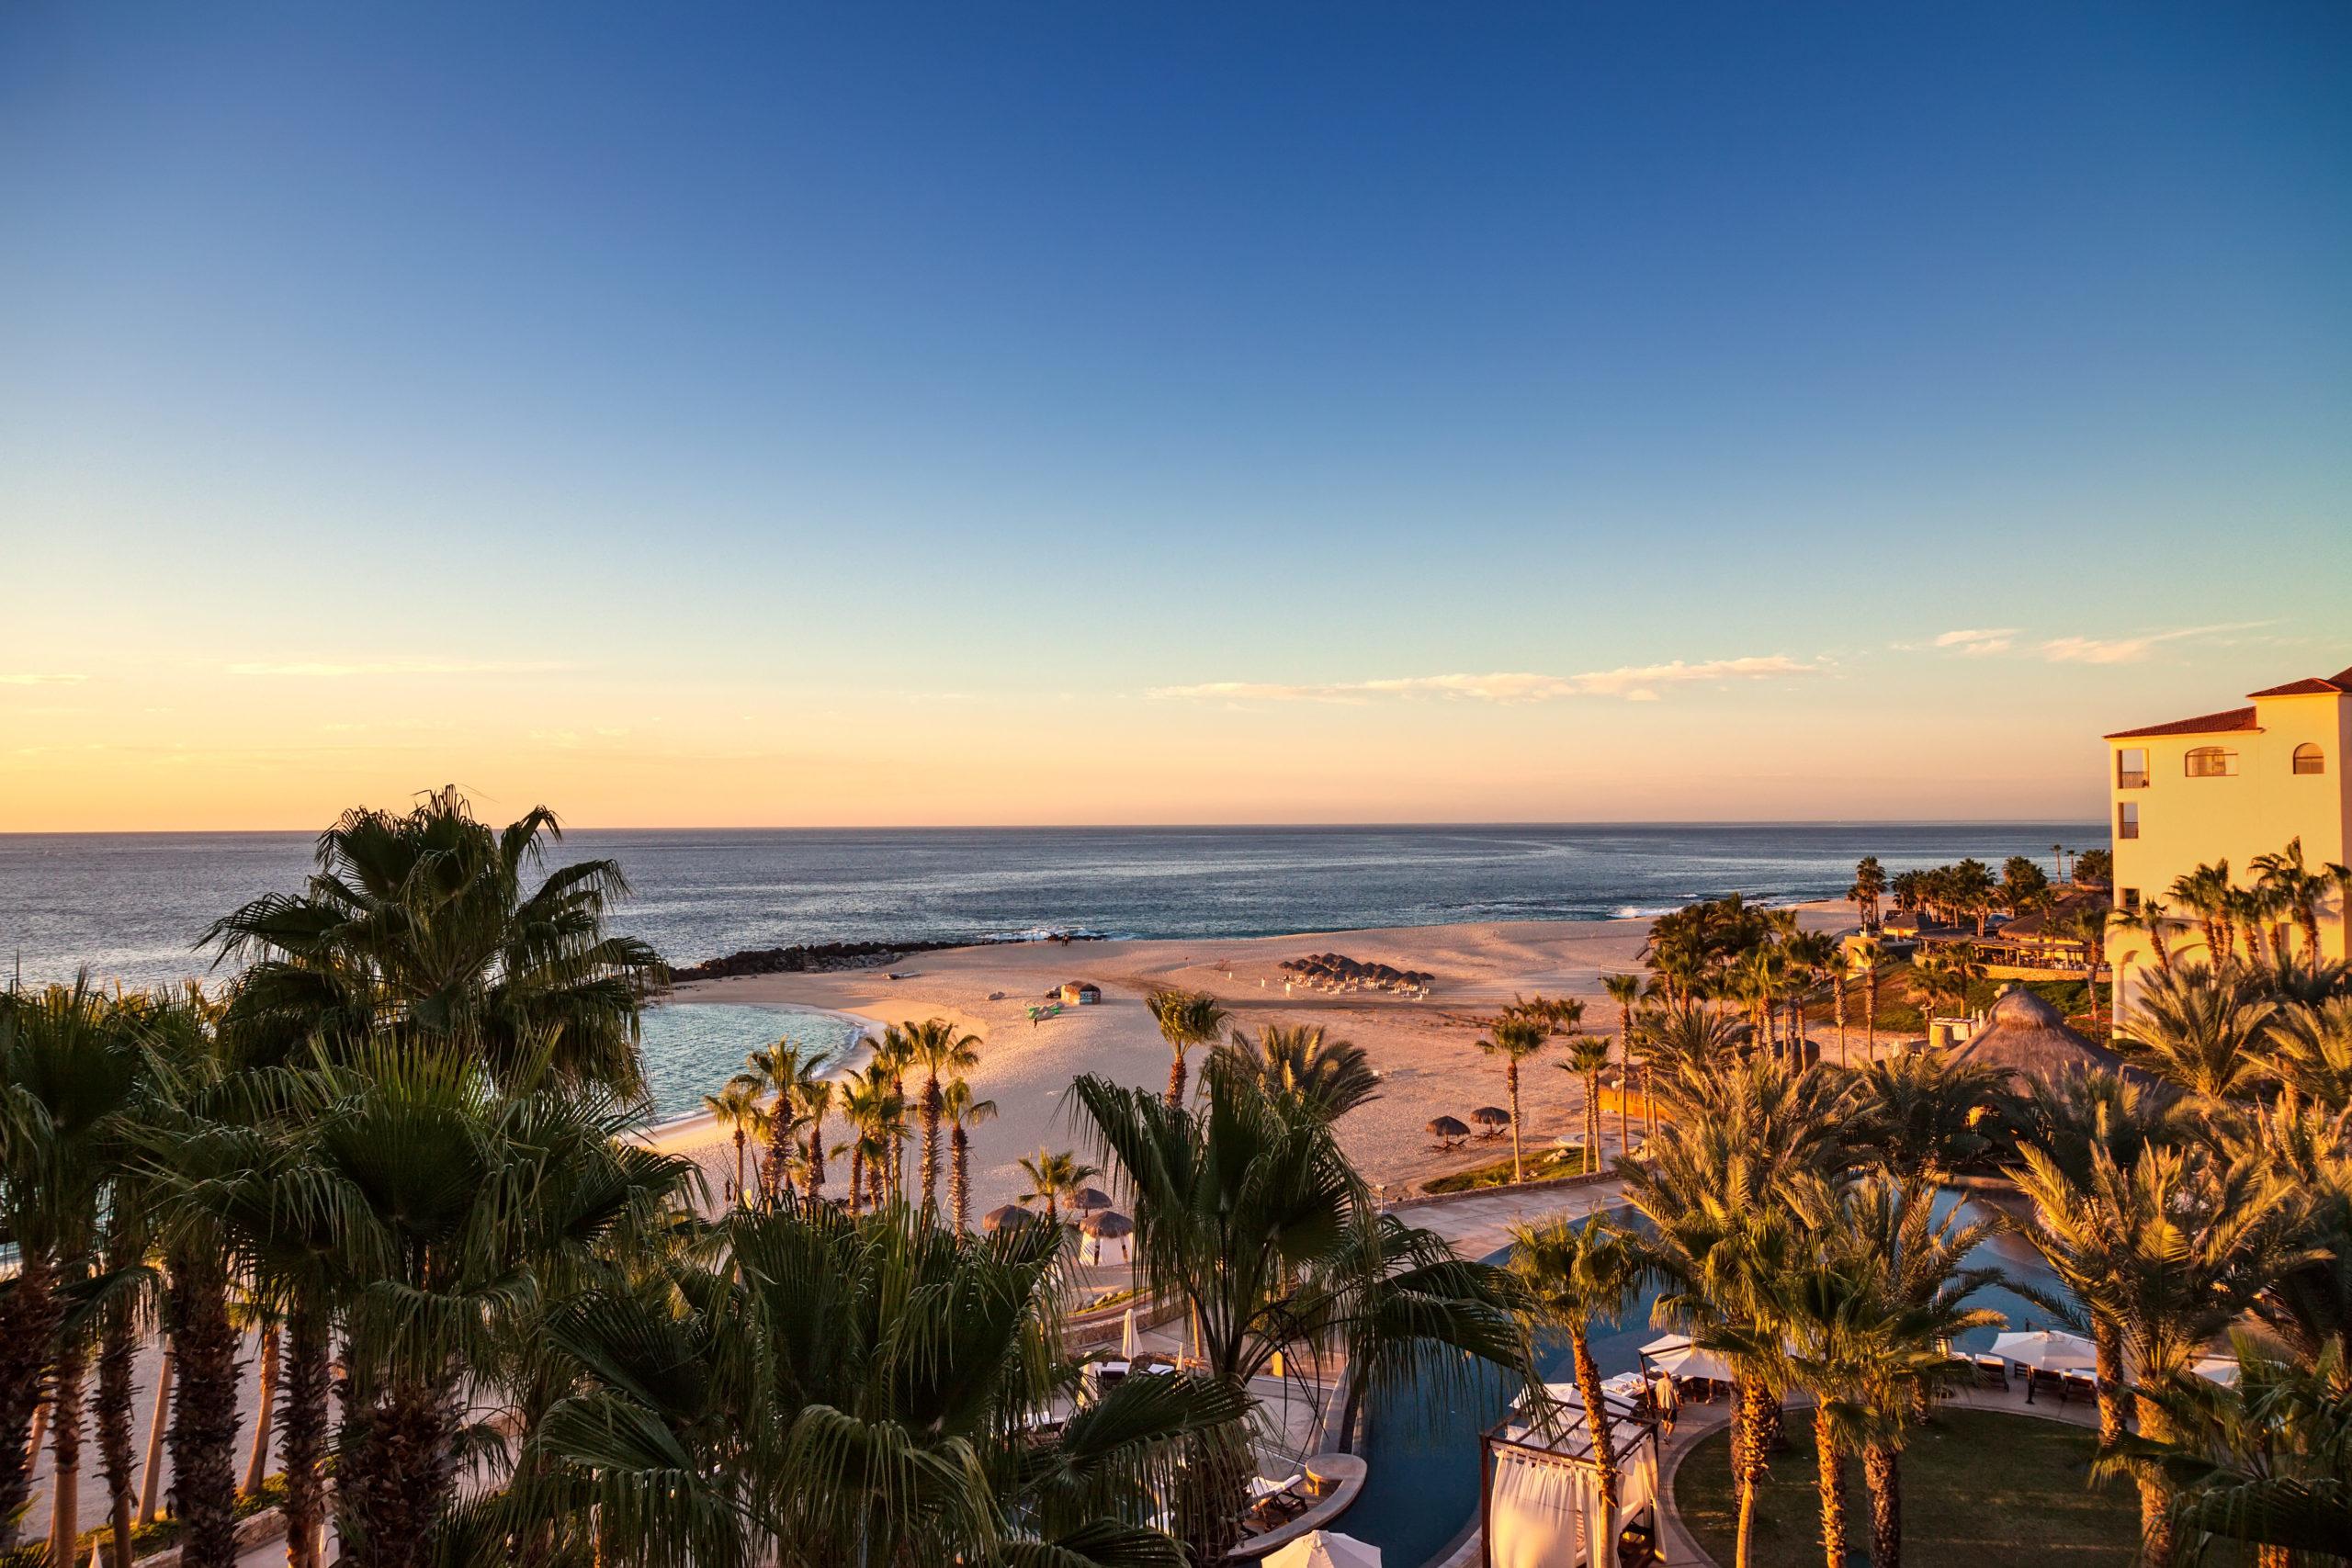 A view across the beach towards the sea in Cabo San Lucas